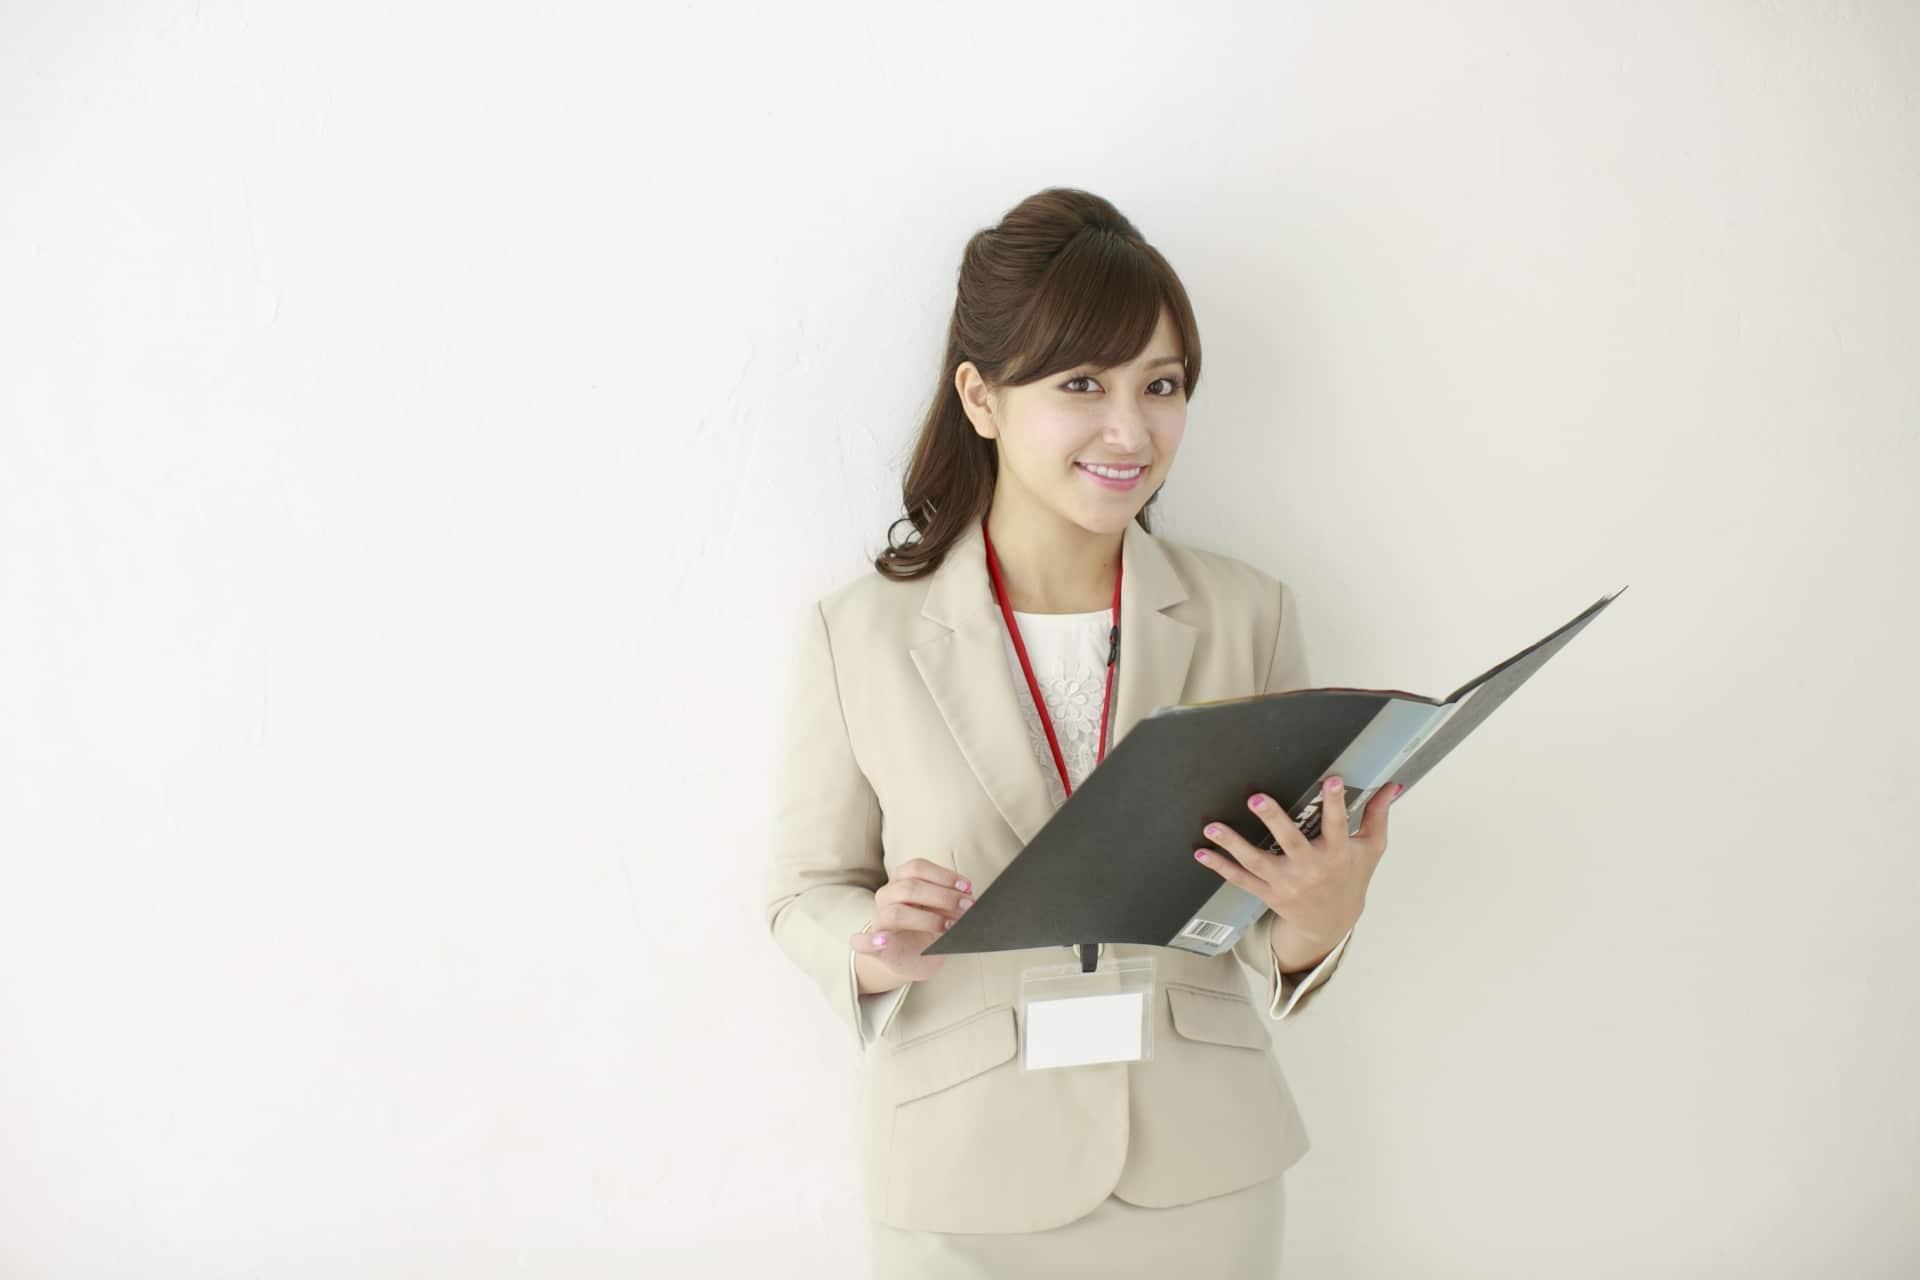 ファイルを見る女性の画像